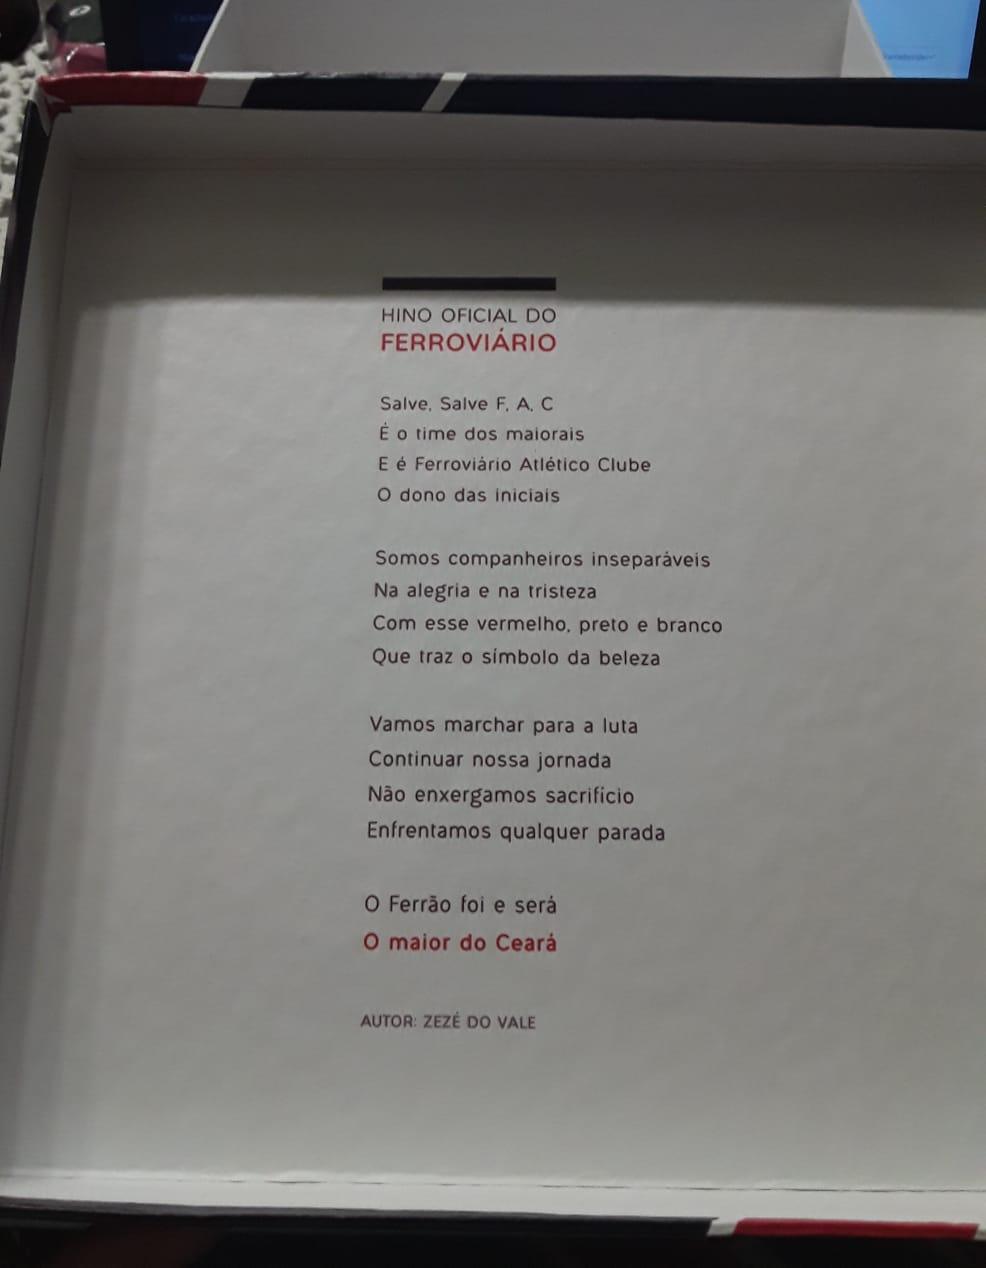 Kit dos pais (camisa concentração + bermuda + boné + caixa)  - Ferrão Store